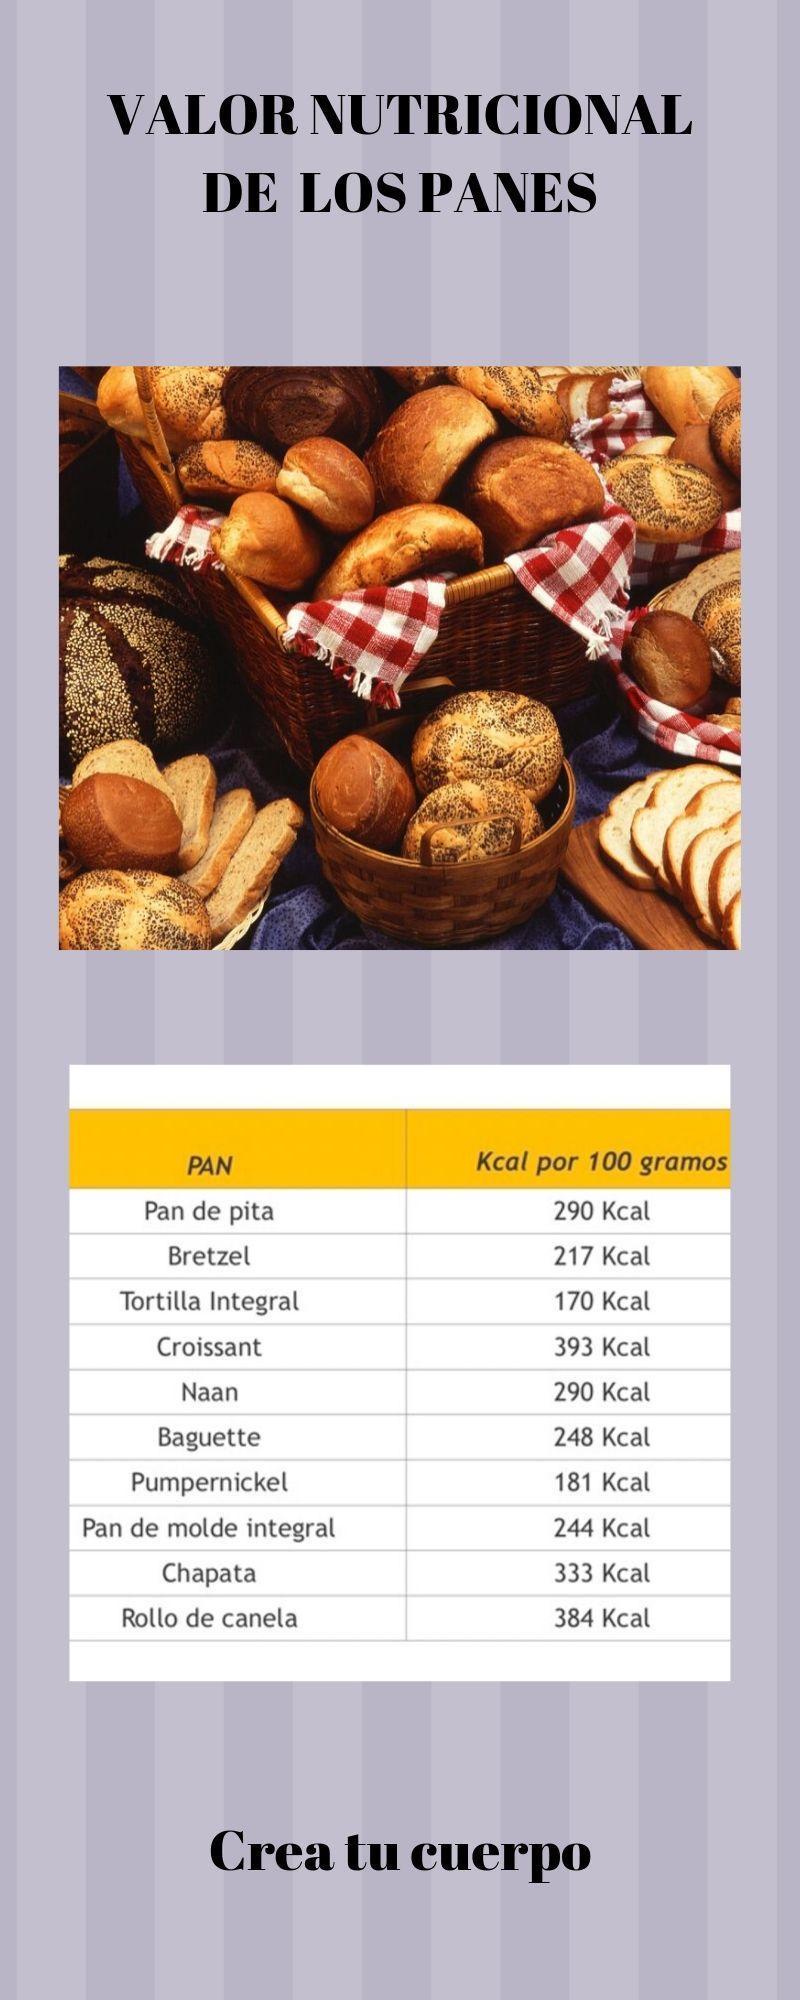 Tabla de calorías de los panes